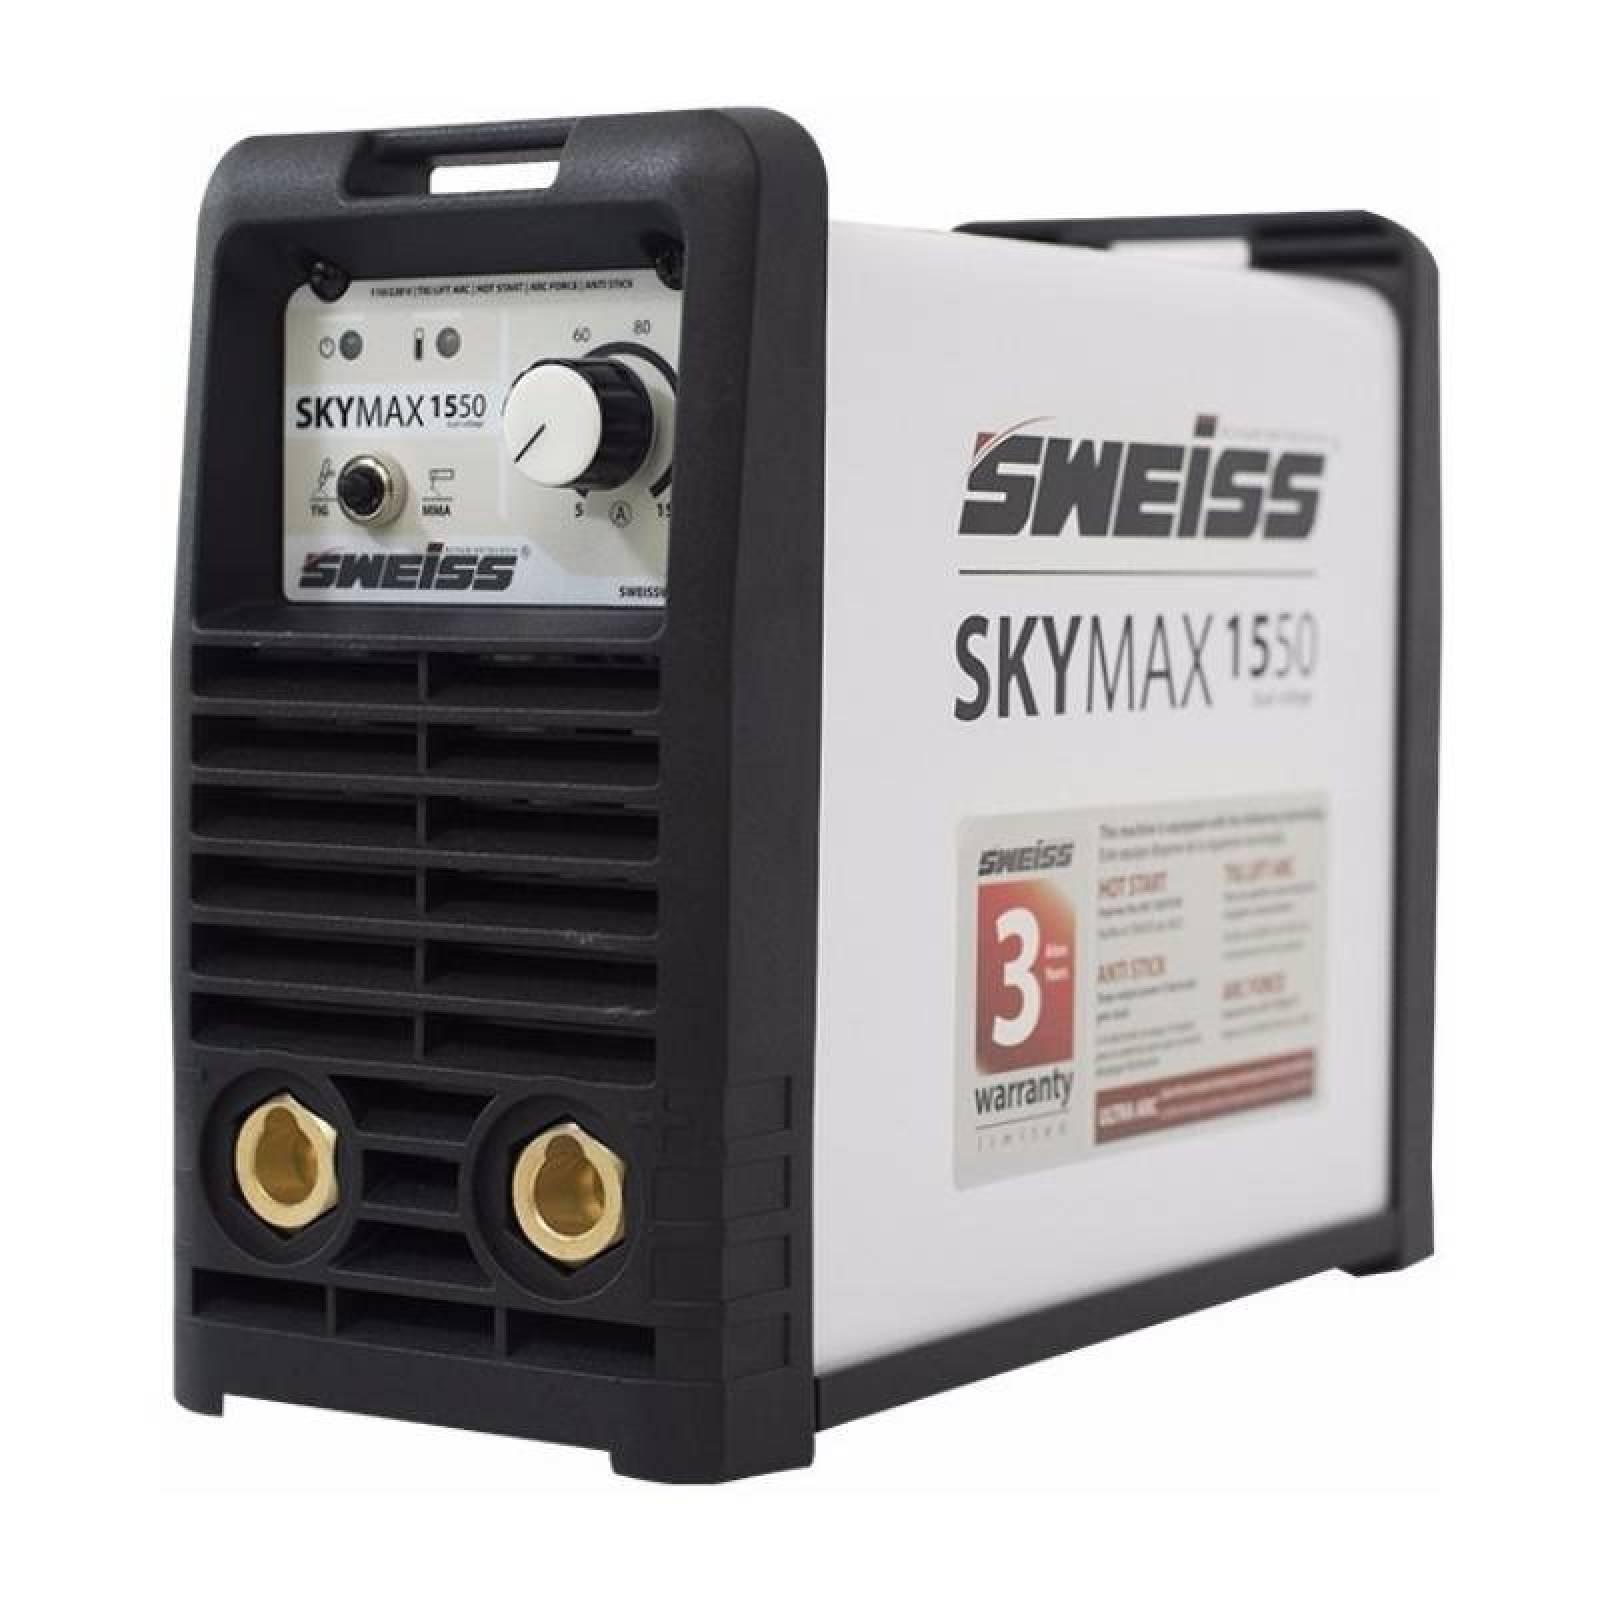 Soldadora Inversora Para Herreria 110/220V SkyMax1550 Sweiss